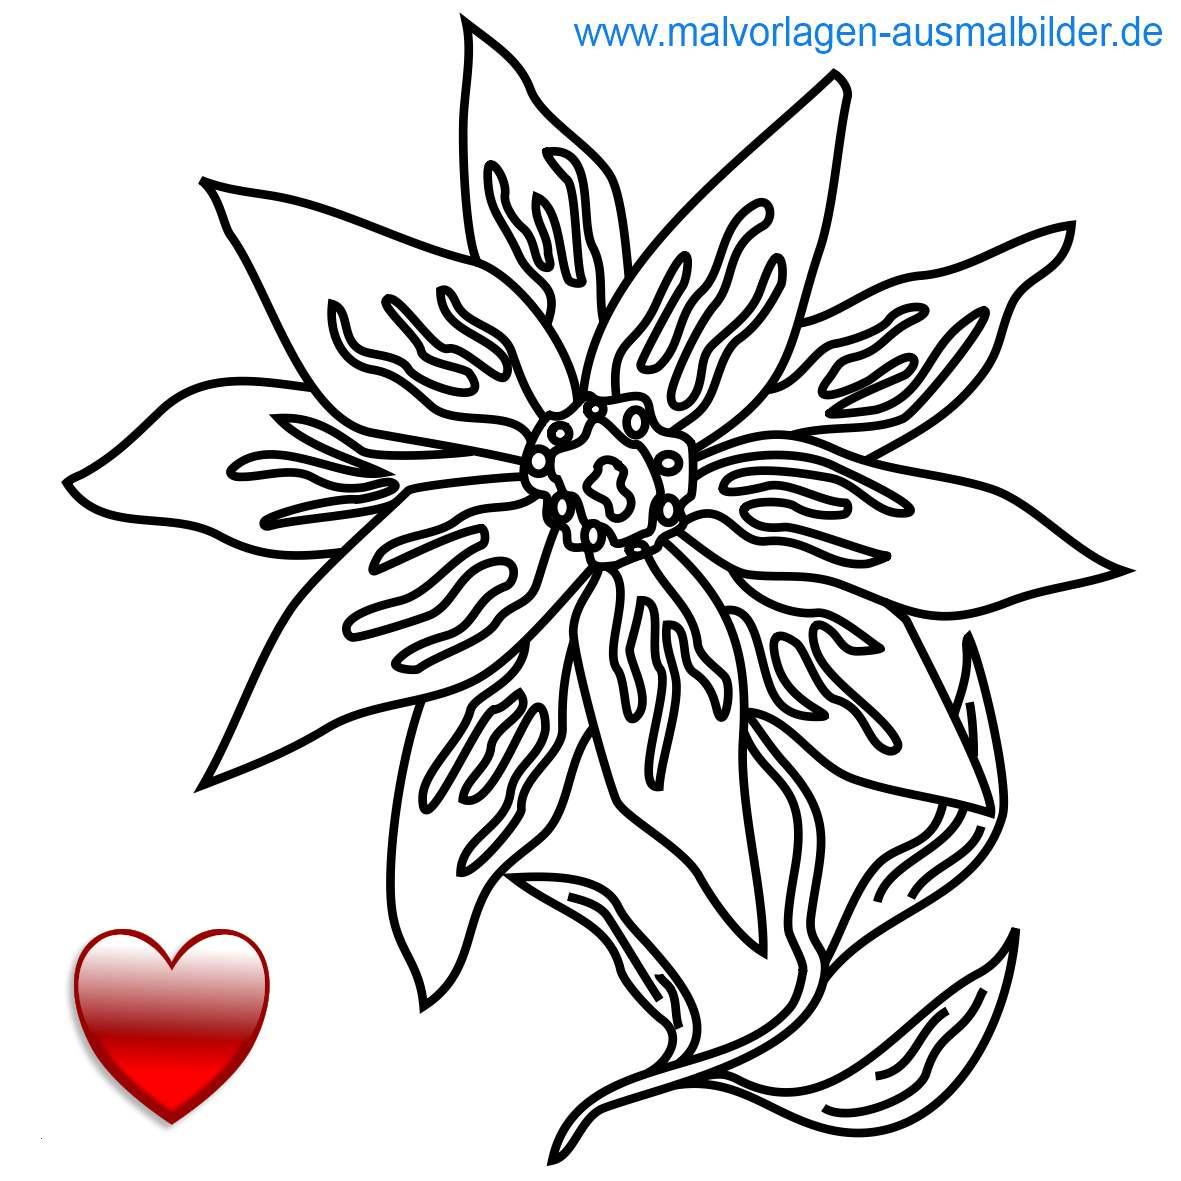 Diddl Maus Ausmalbilder Frisch Schone Ausmalbilder Blumen Alles über Wohndesign Und Möbelideen Stock